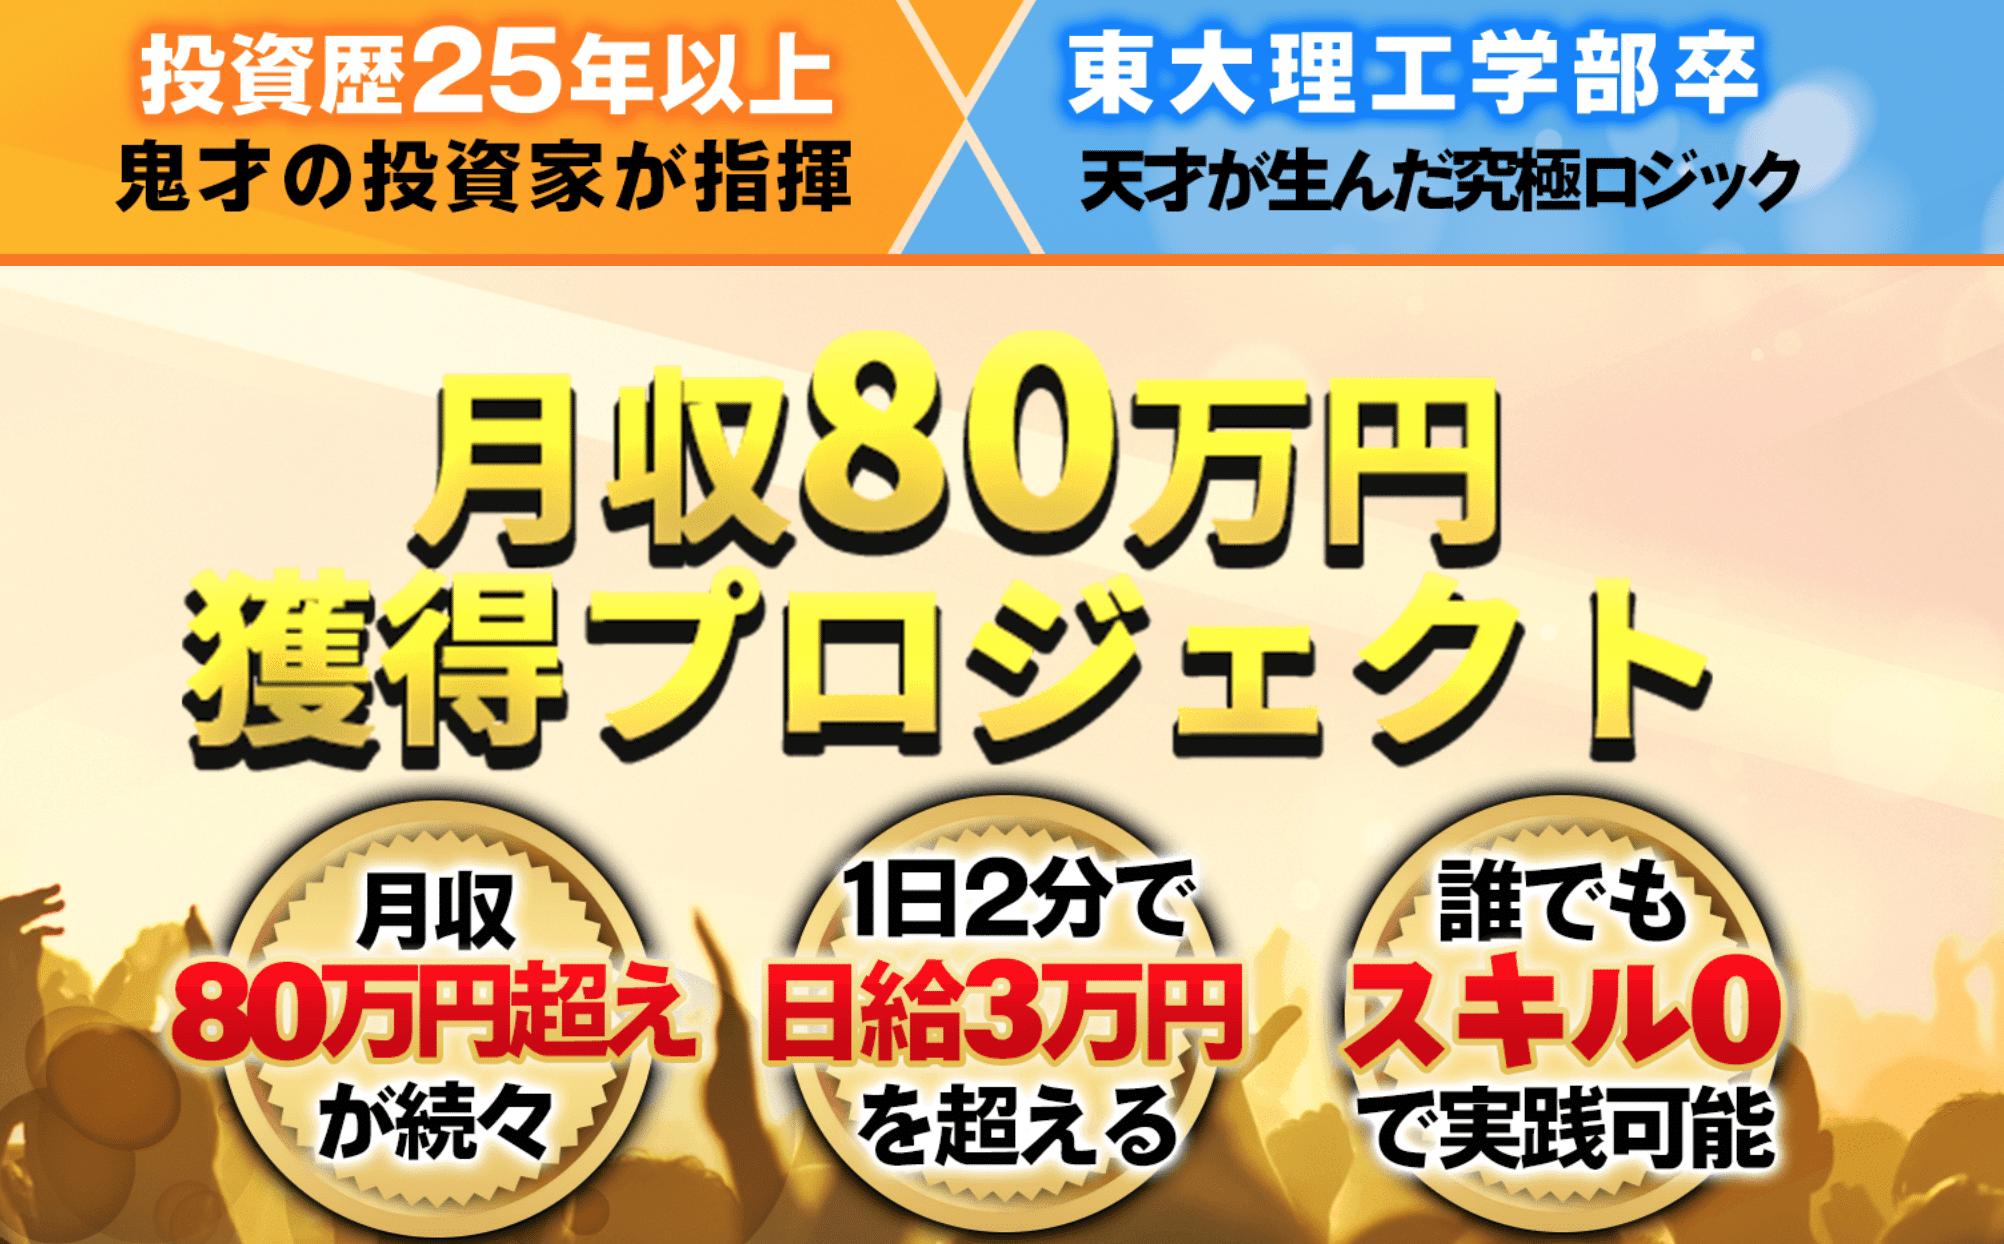 月収80万円獲得プロジェクト1